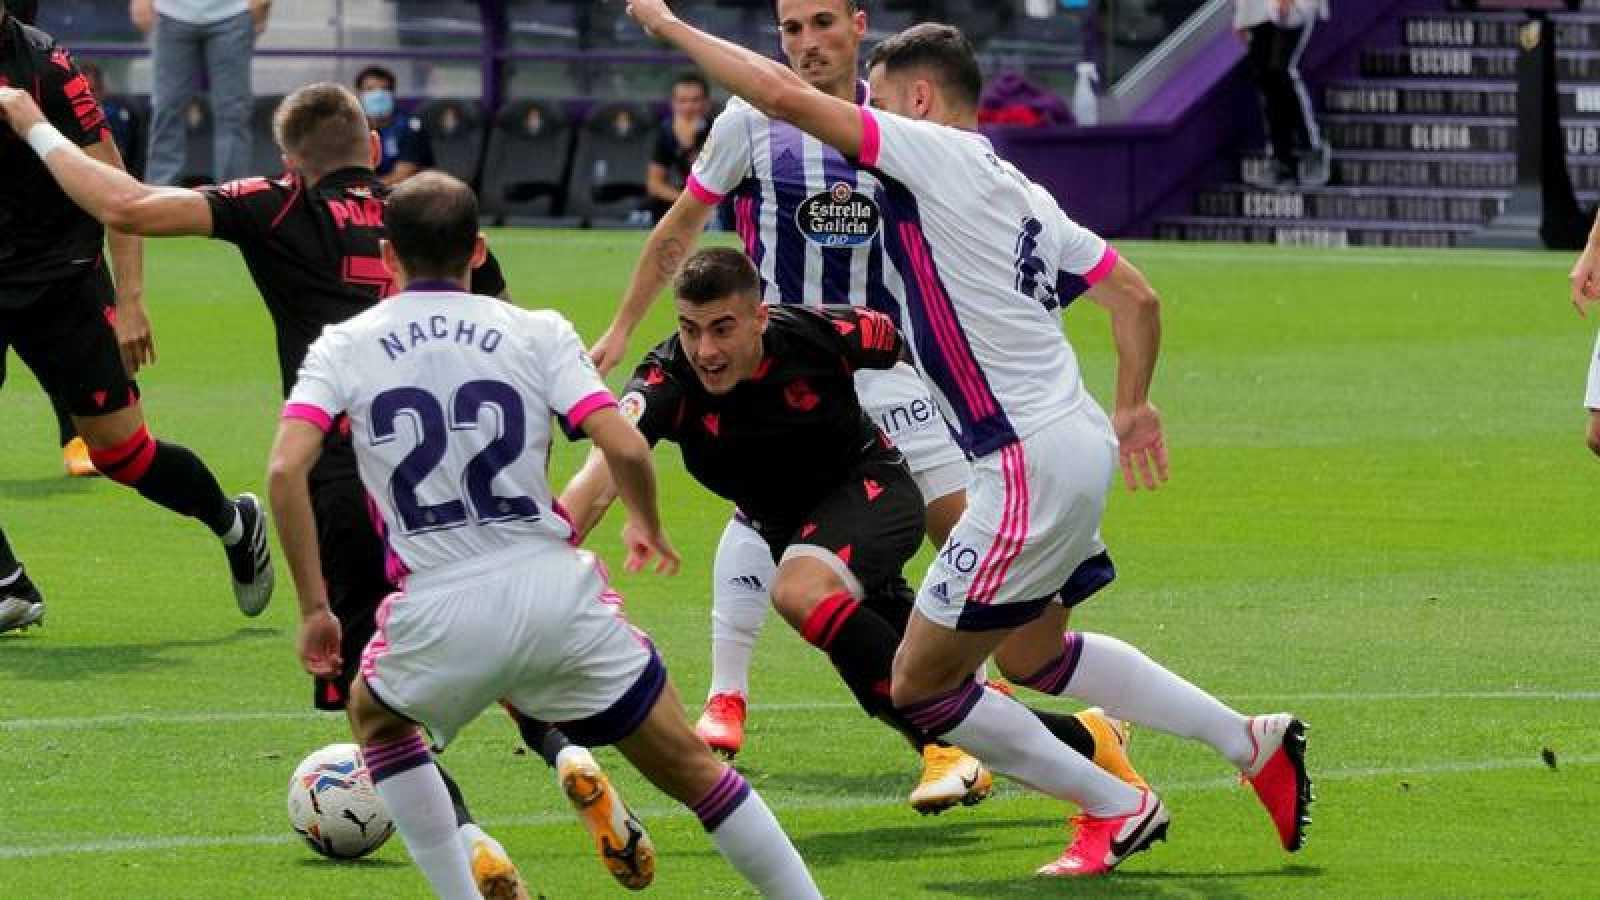 El defensa del Valladolid Bruno González y el delantero suevo del Alavés Alexander Isak luchan por un balón.